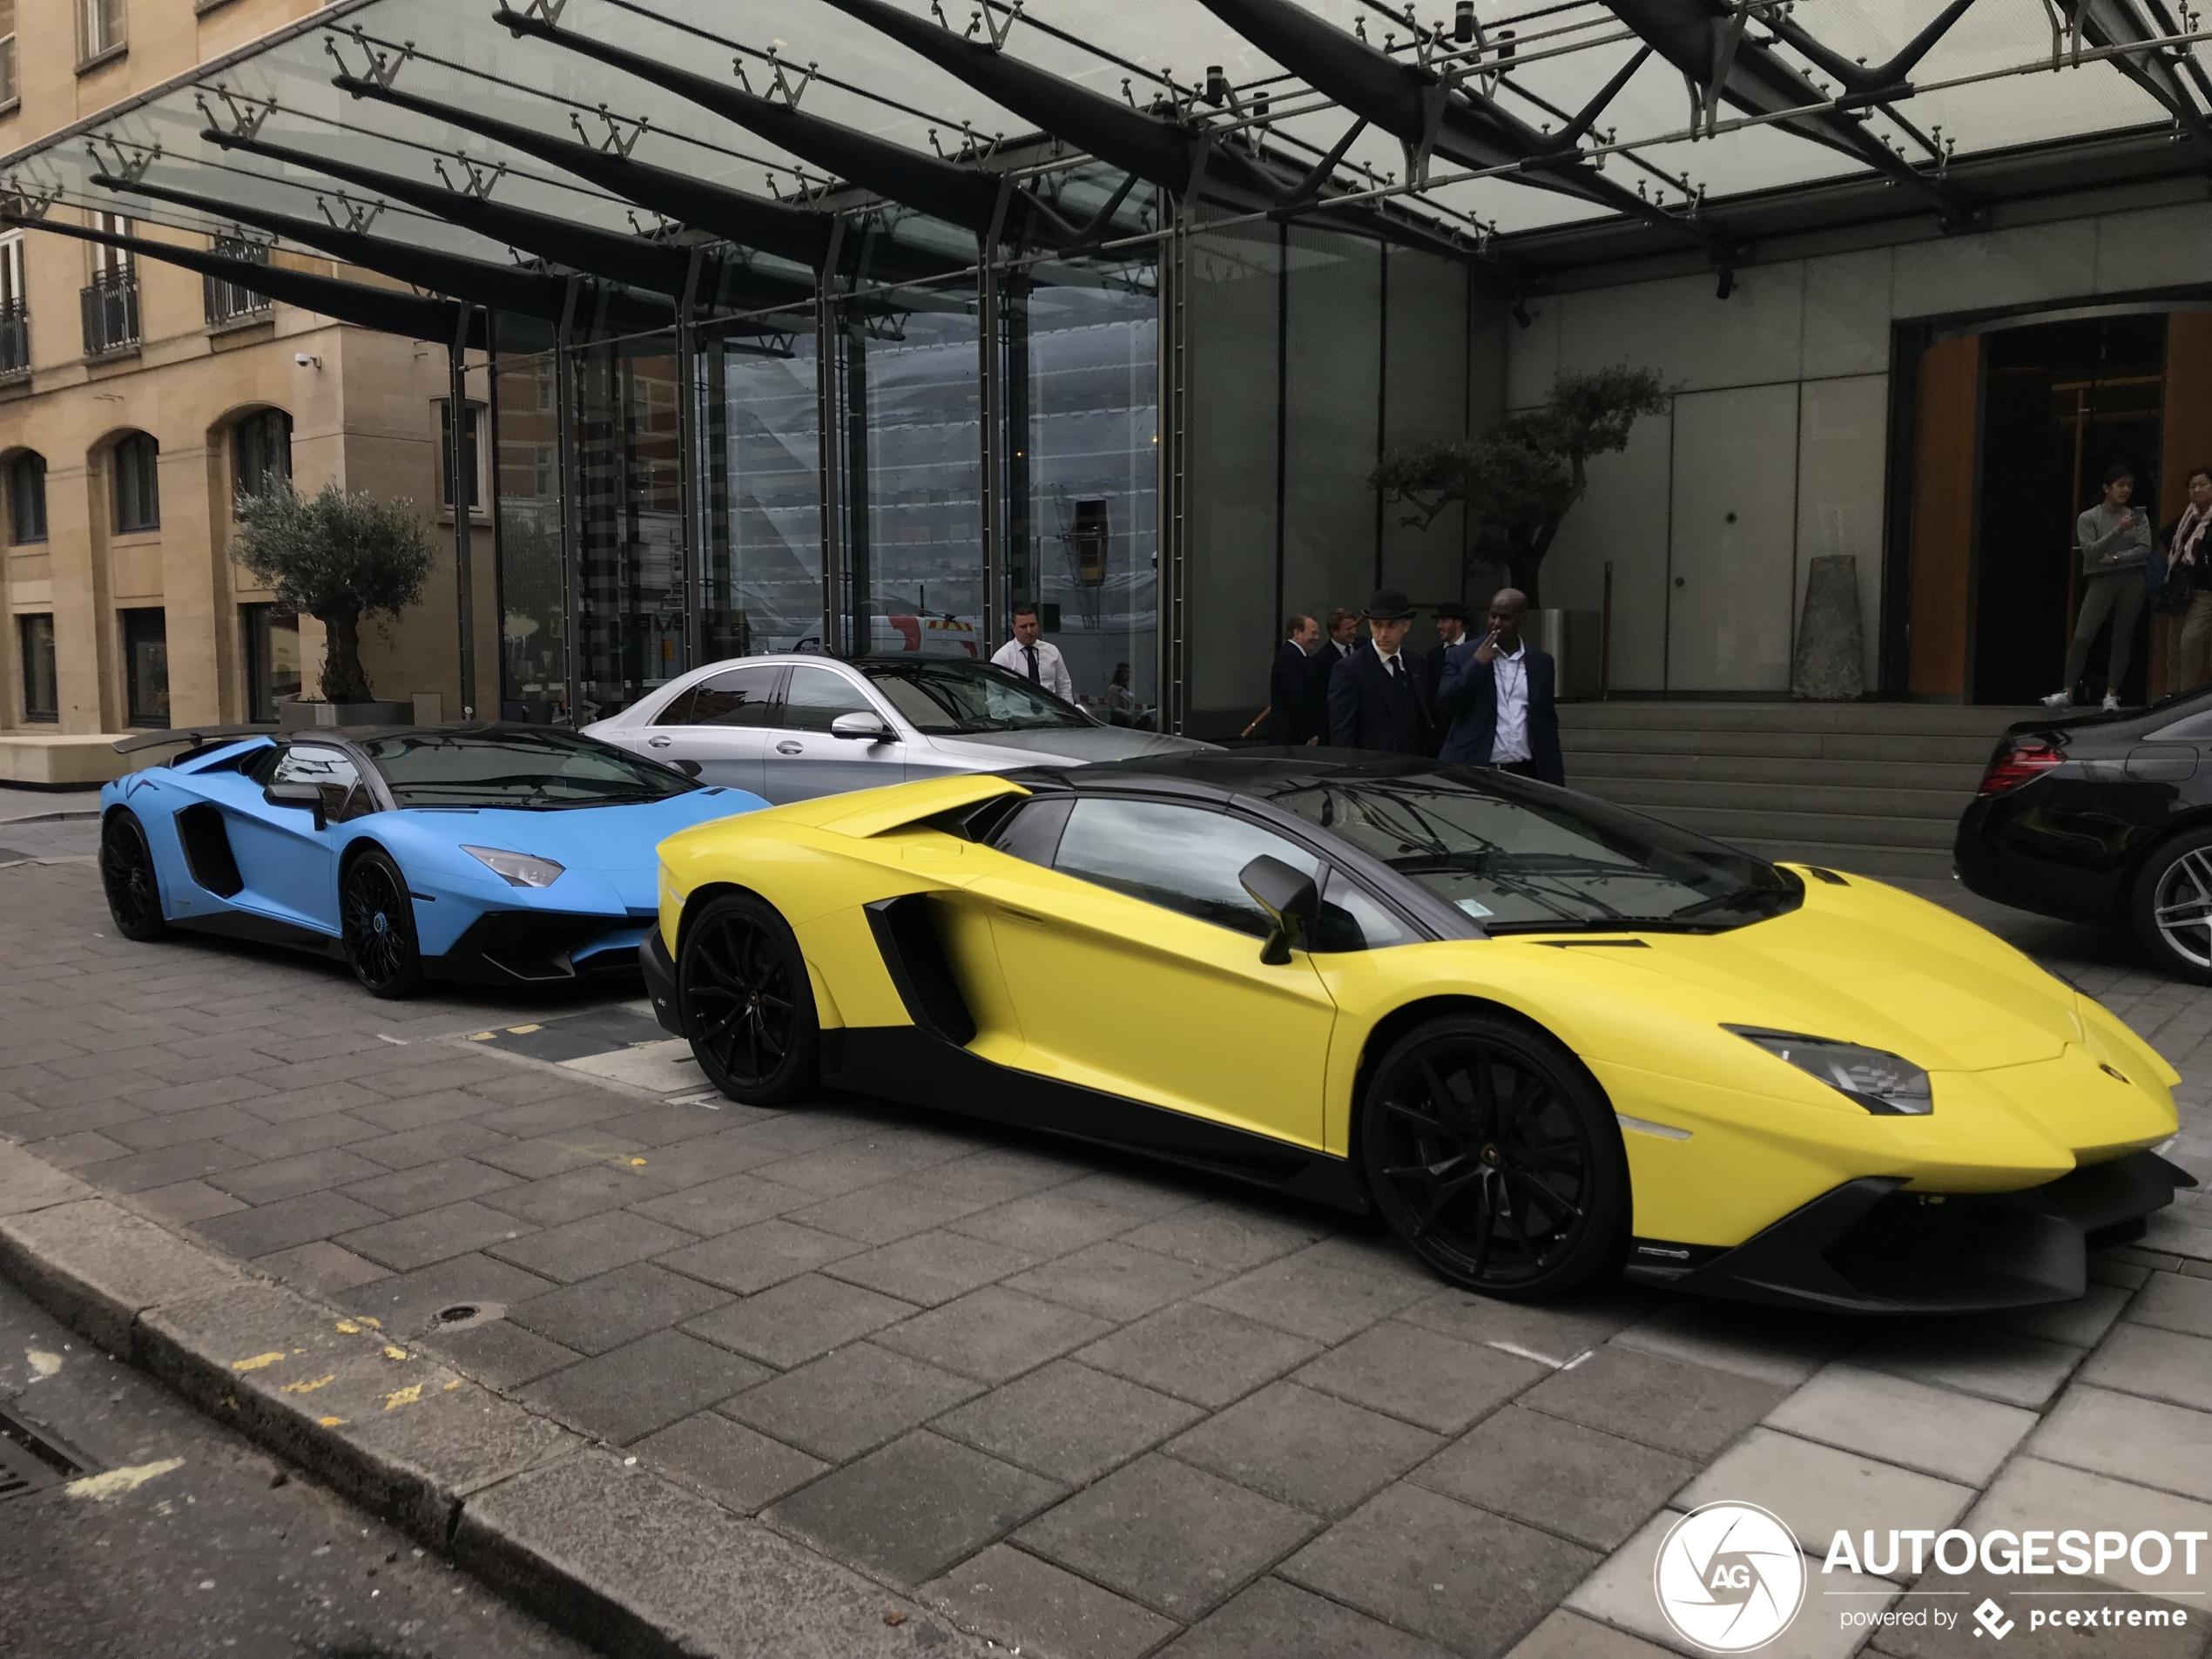 Welke van deze twee Aventadors doet jou het meest?